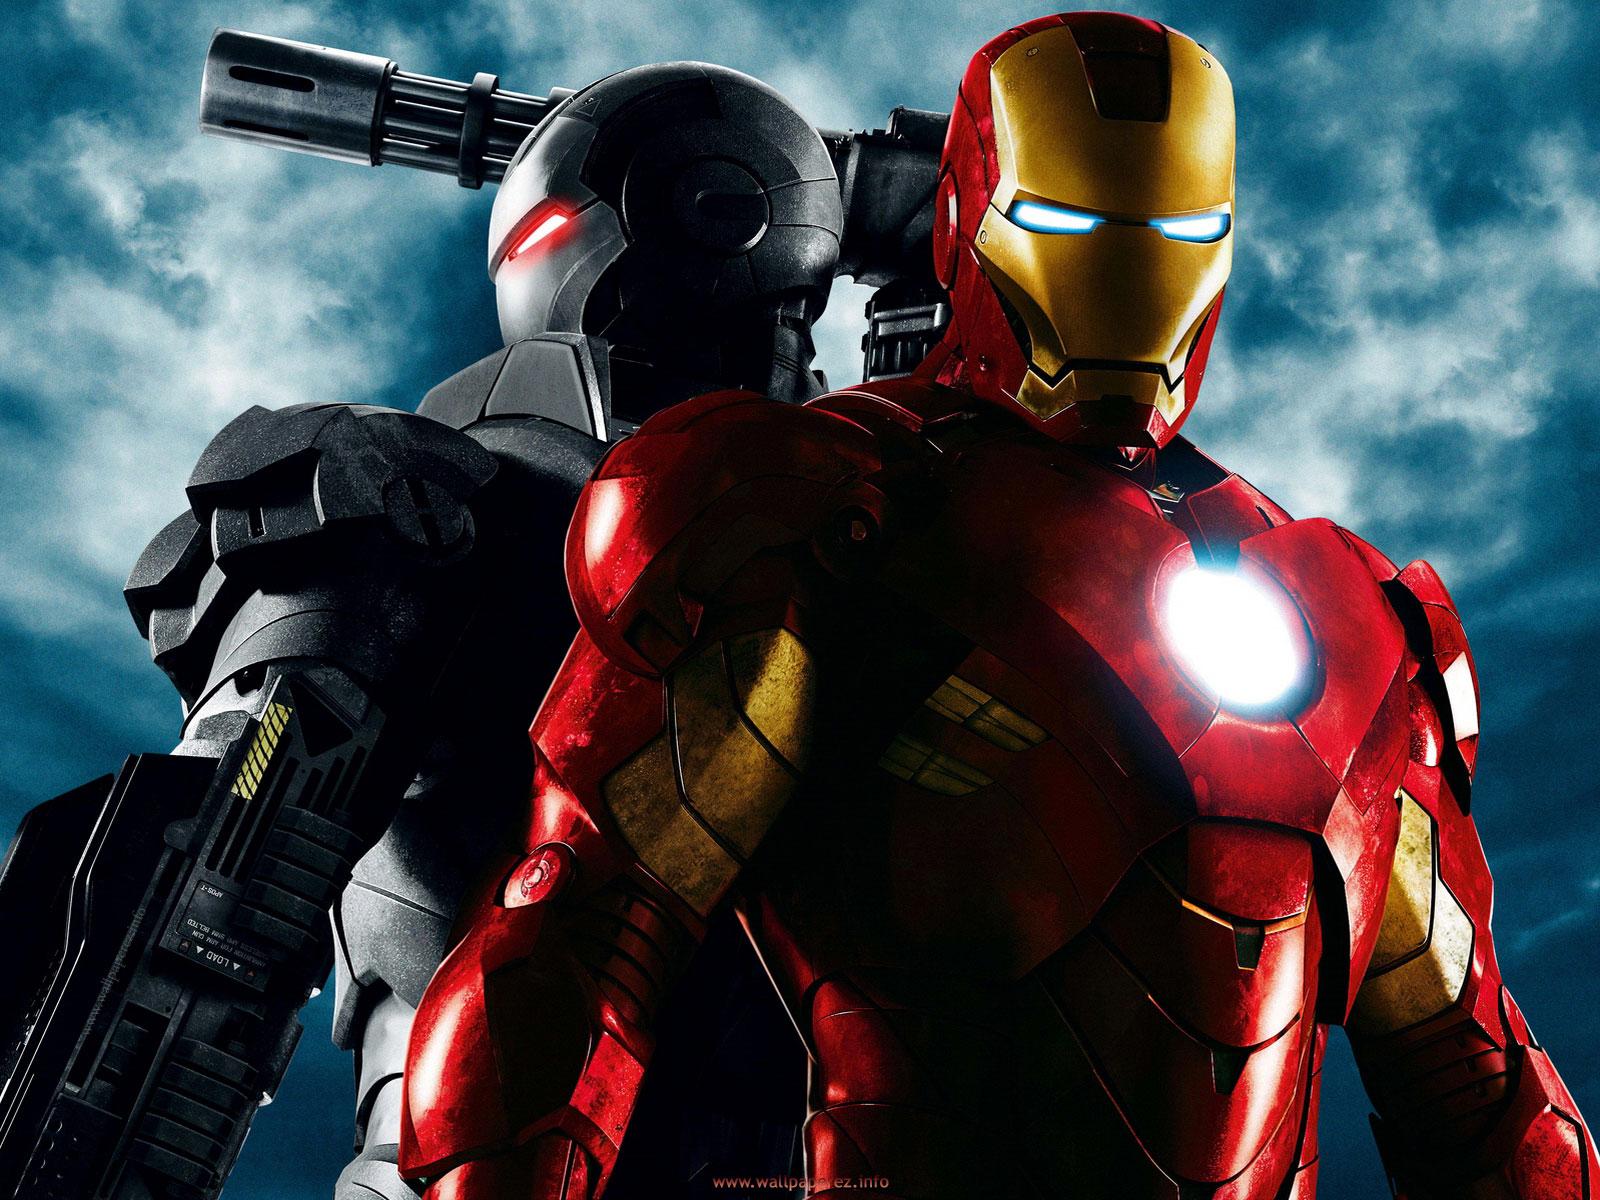 Iron man cartoon wallpaper cartoon images - Iron man cartoon wallpaper ...